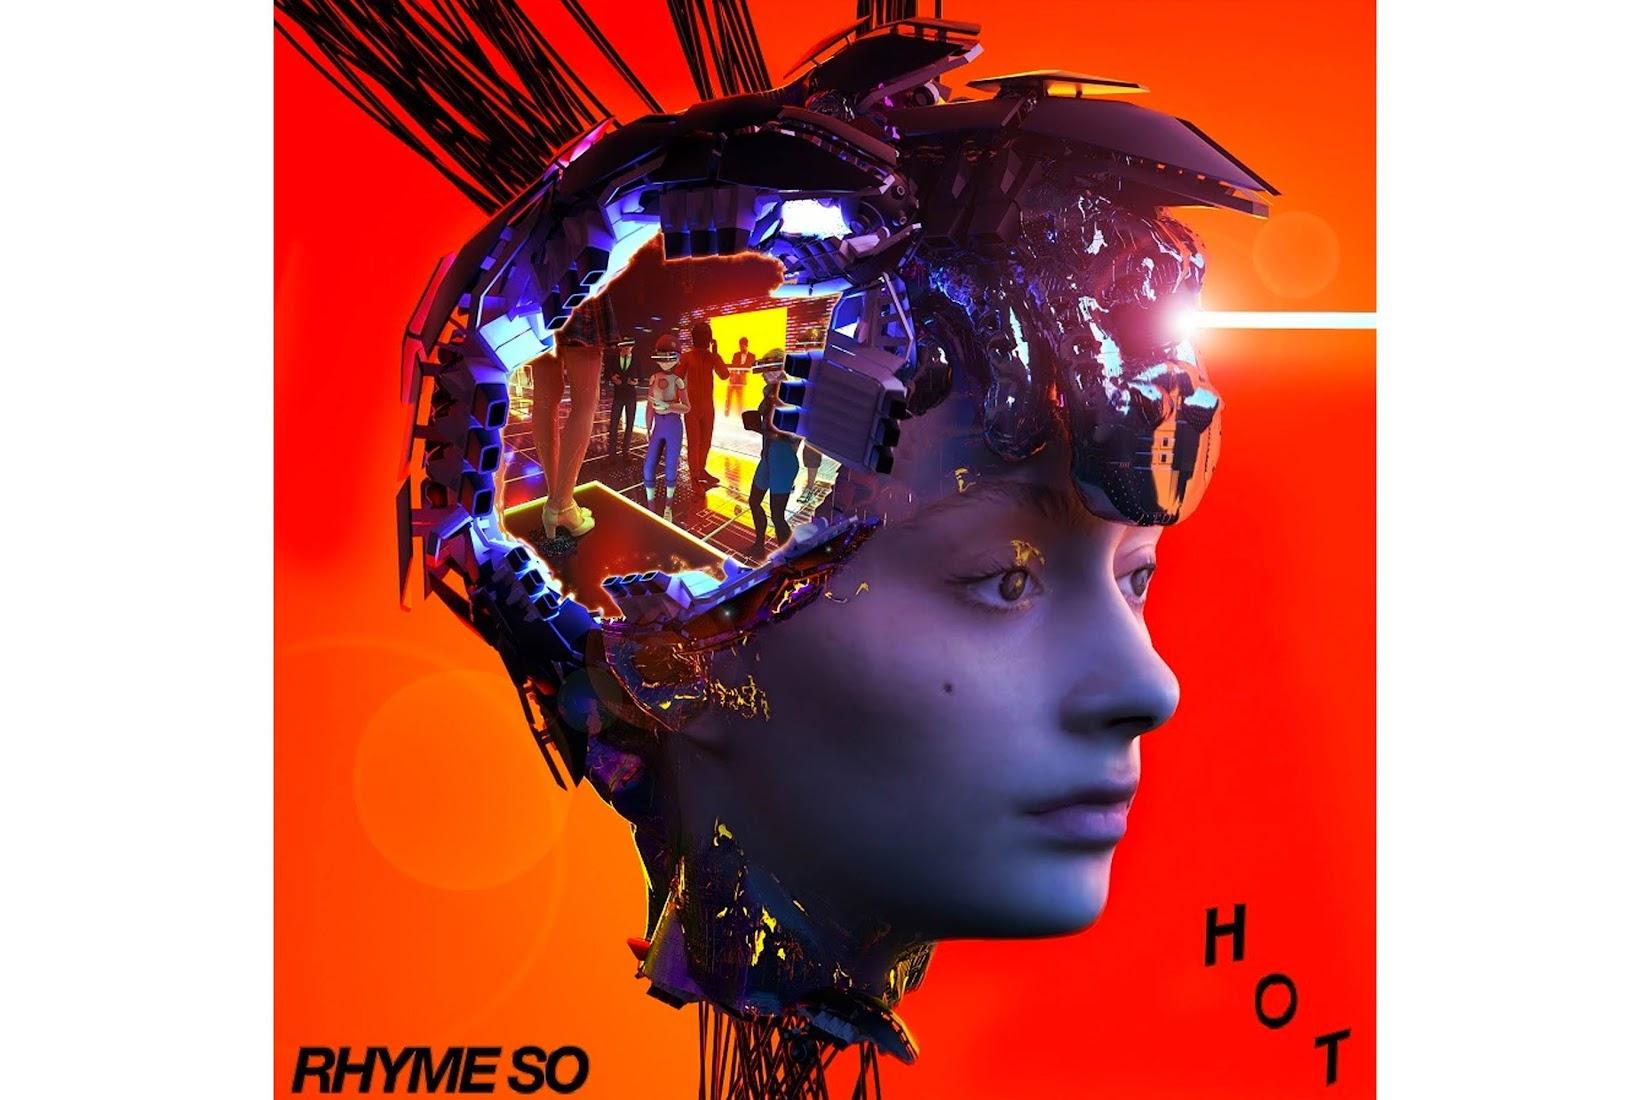 手機也能參加VR虛擬夜總會?!日本傳奇音樂製作人 大澤伸一 ( MONDO GROSSO )成立新組合「 RHYME SO 」打造全新音樂體驗